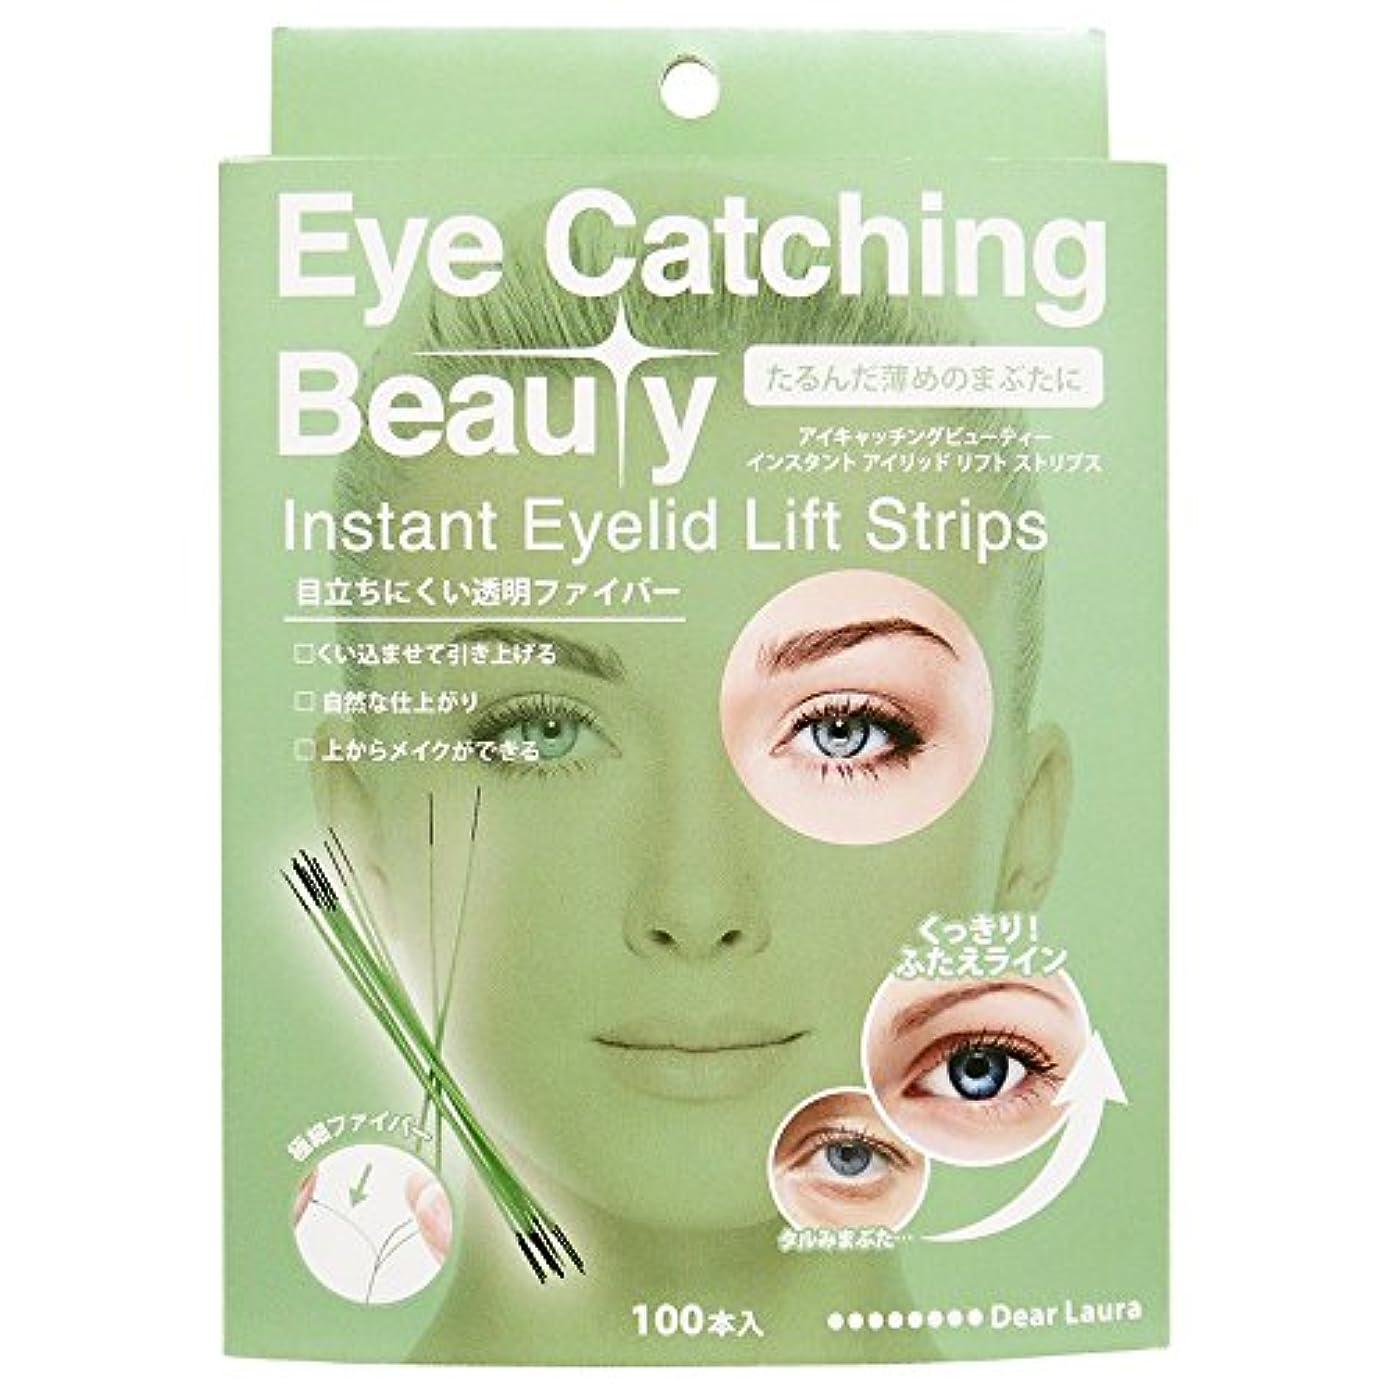 複製二十アナニバーアイキャッチングビューティー (Eye Catching Beauty) インスタント アイリッド リフト ストリップス ECB-J03 100本